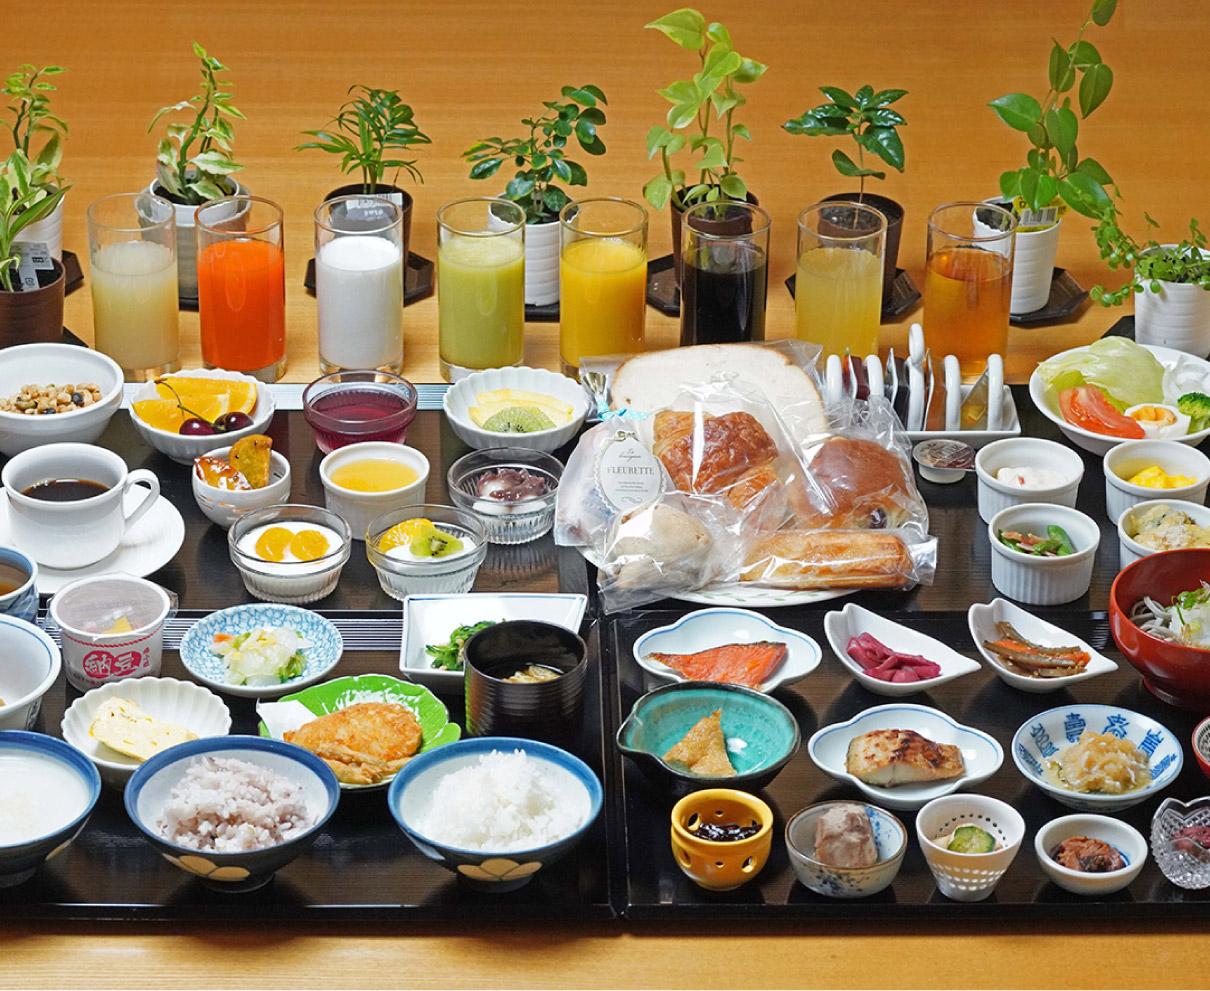 手作りお幸ざい小鉢盛り!ふくいdeお得キャンペーンを使ってお得に人気の朝食を|ホテルリバージュアケボノ